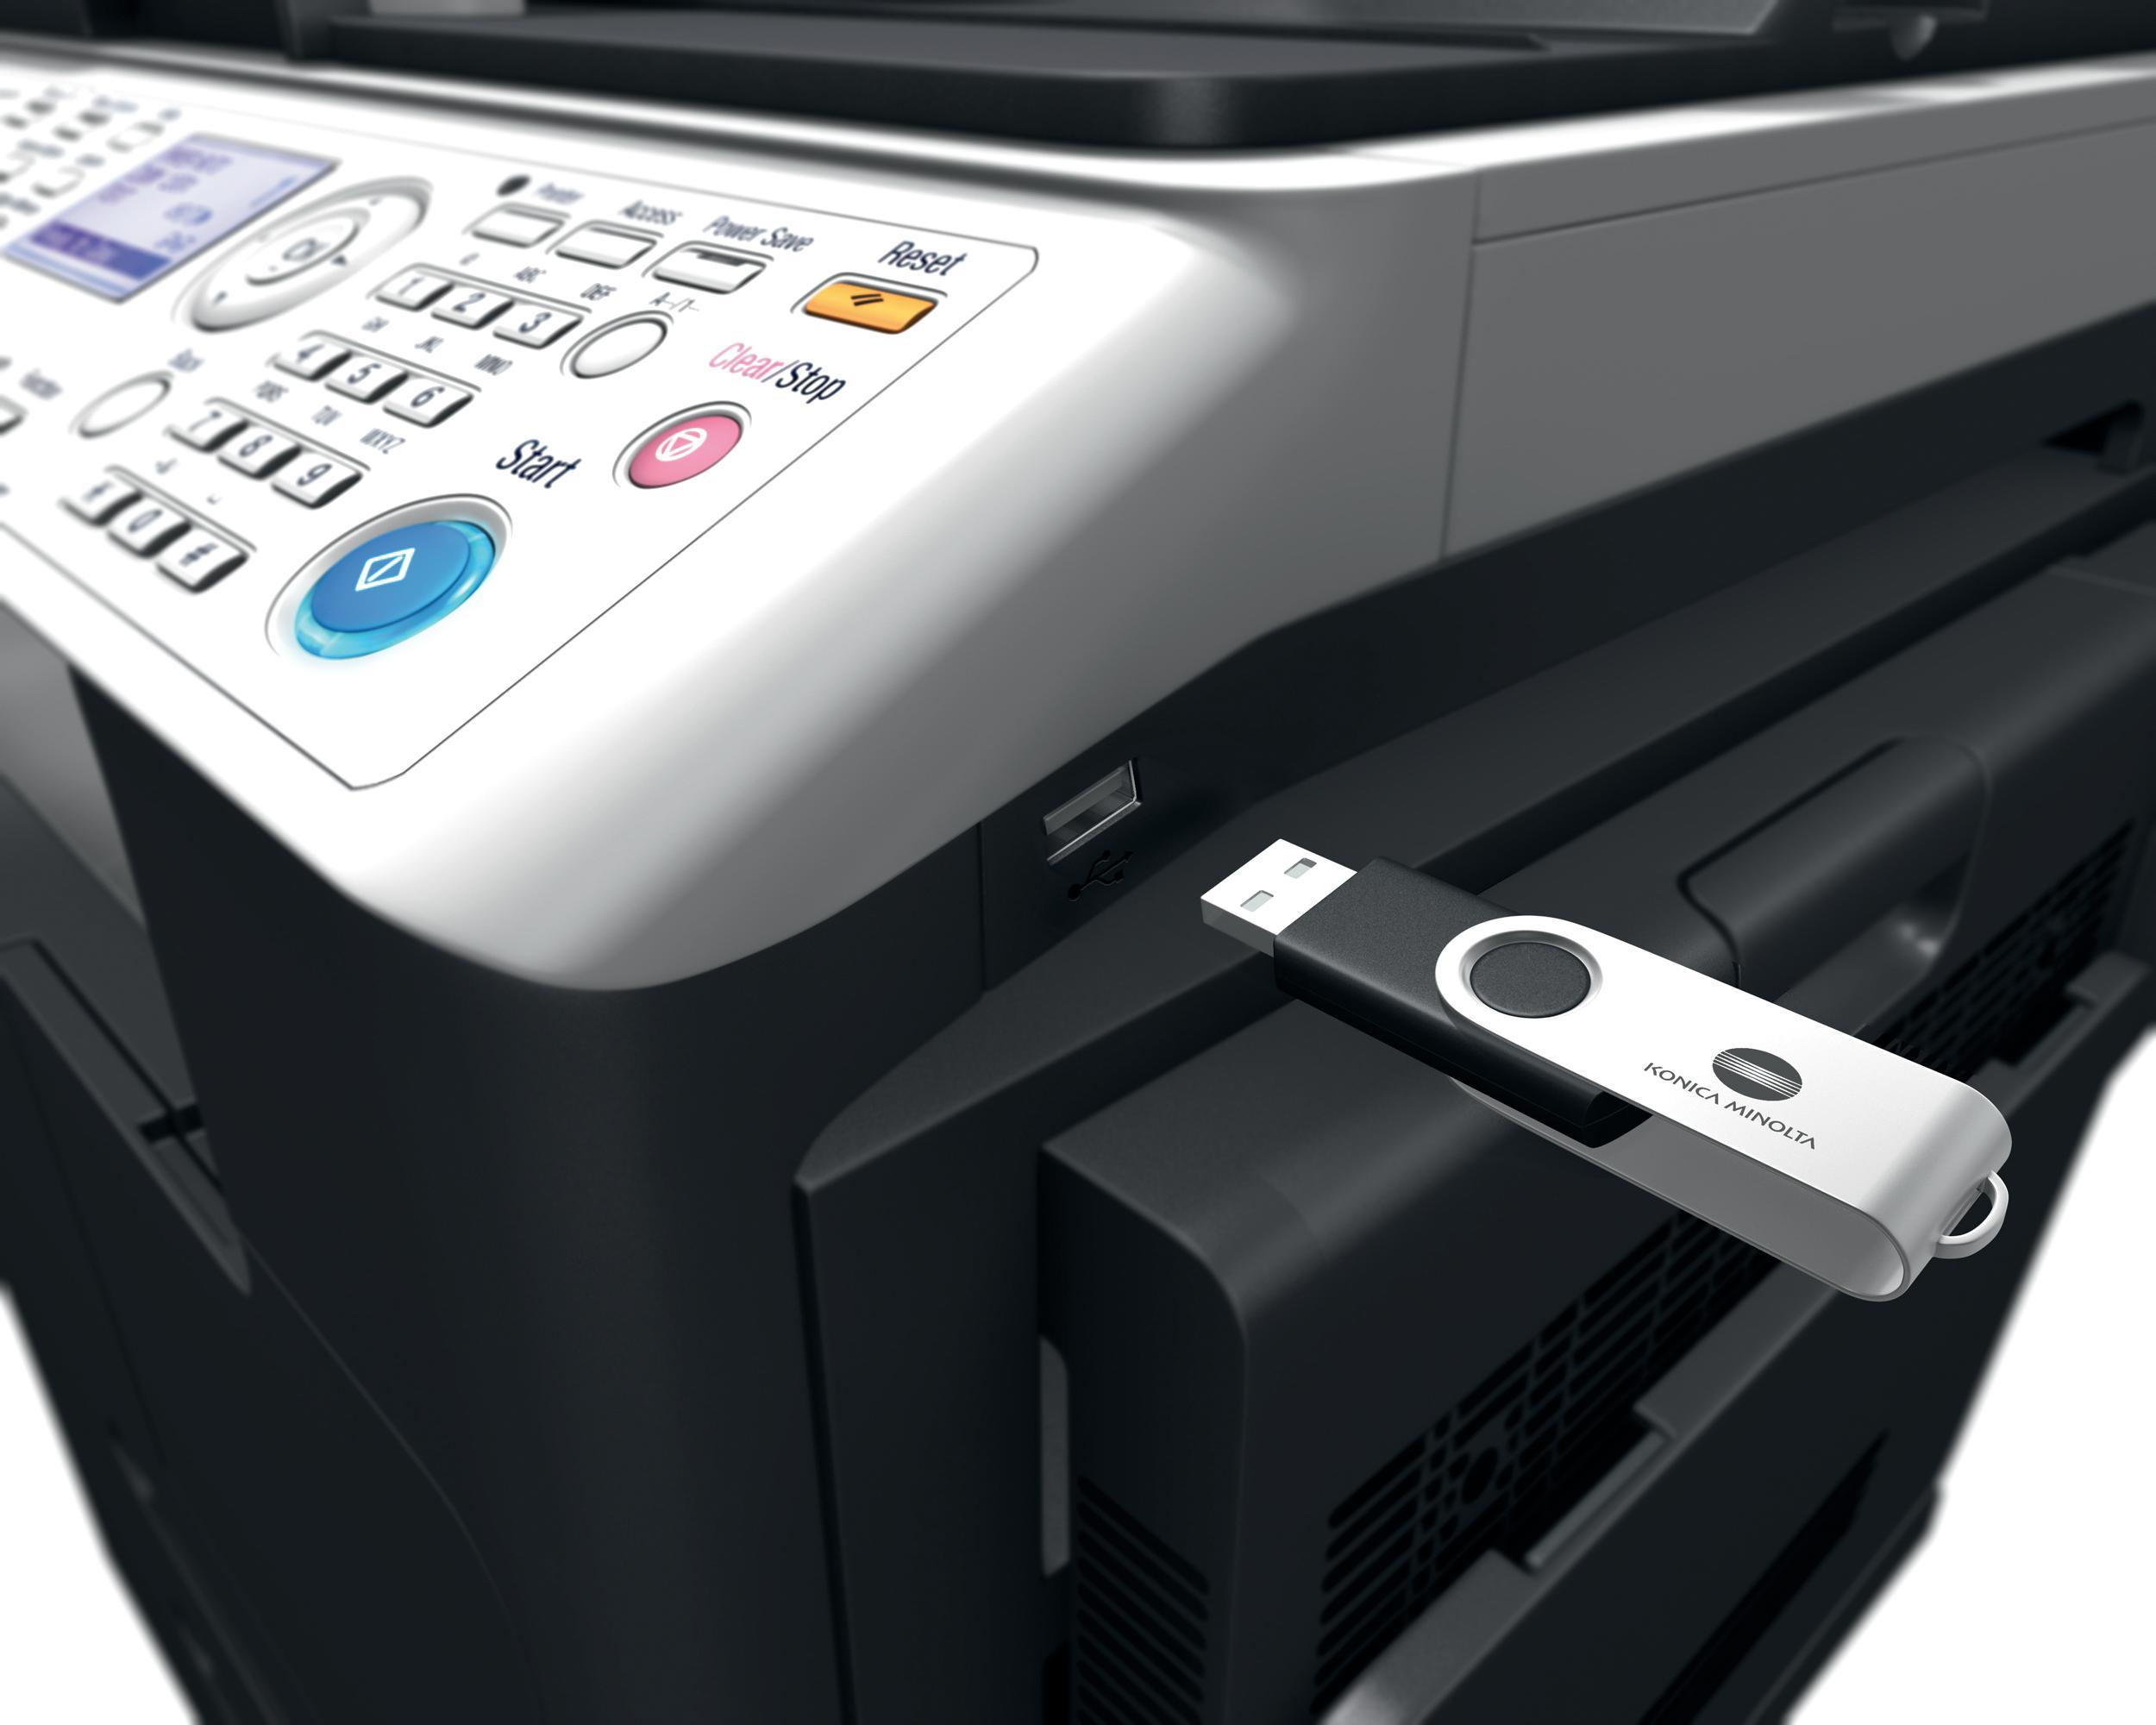 Download Driver: Konica Minolta Bizhub 215 Printer PCL/Twain/Wia